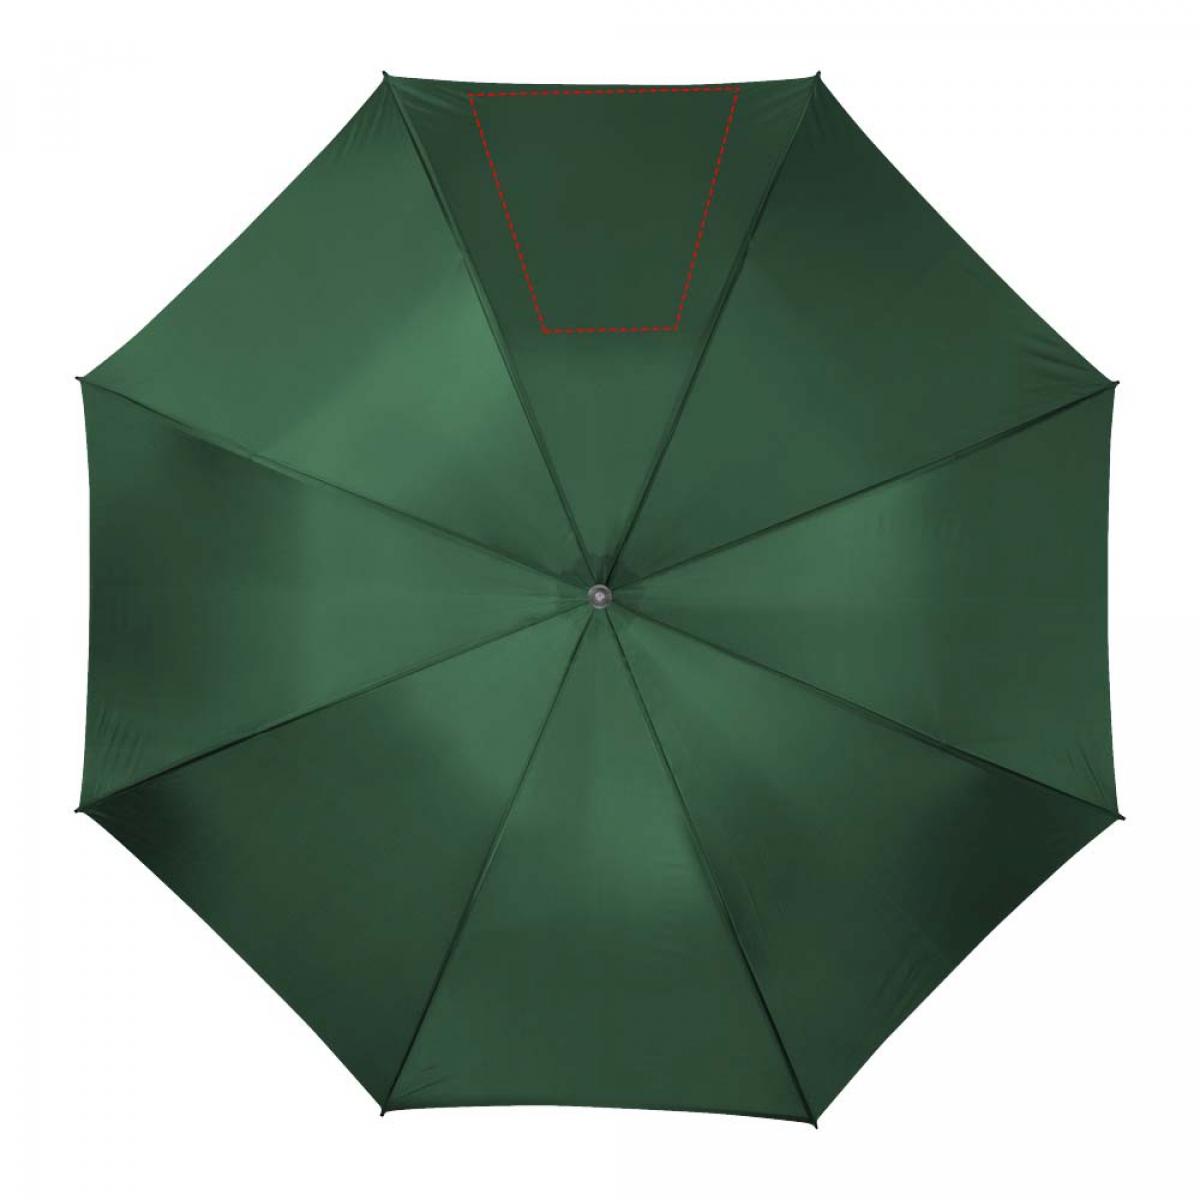 Paraplu met metalen stok - 5de paneel